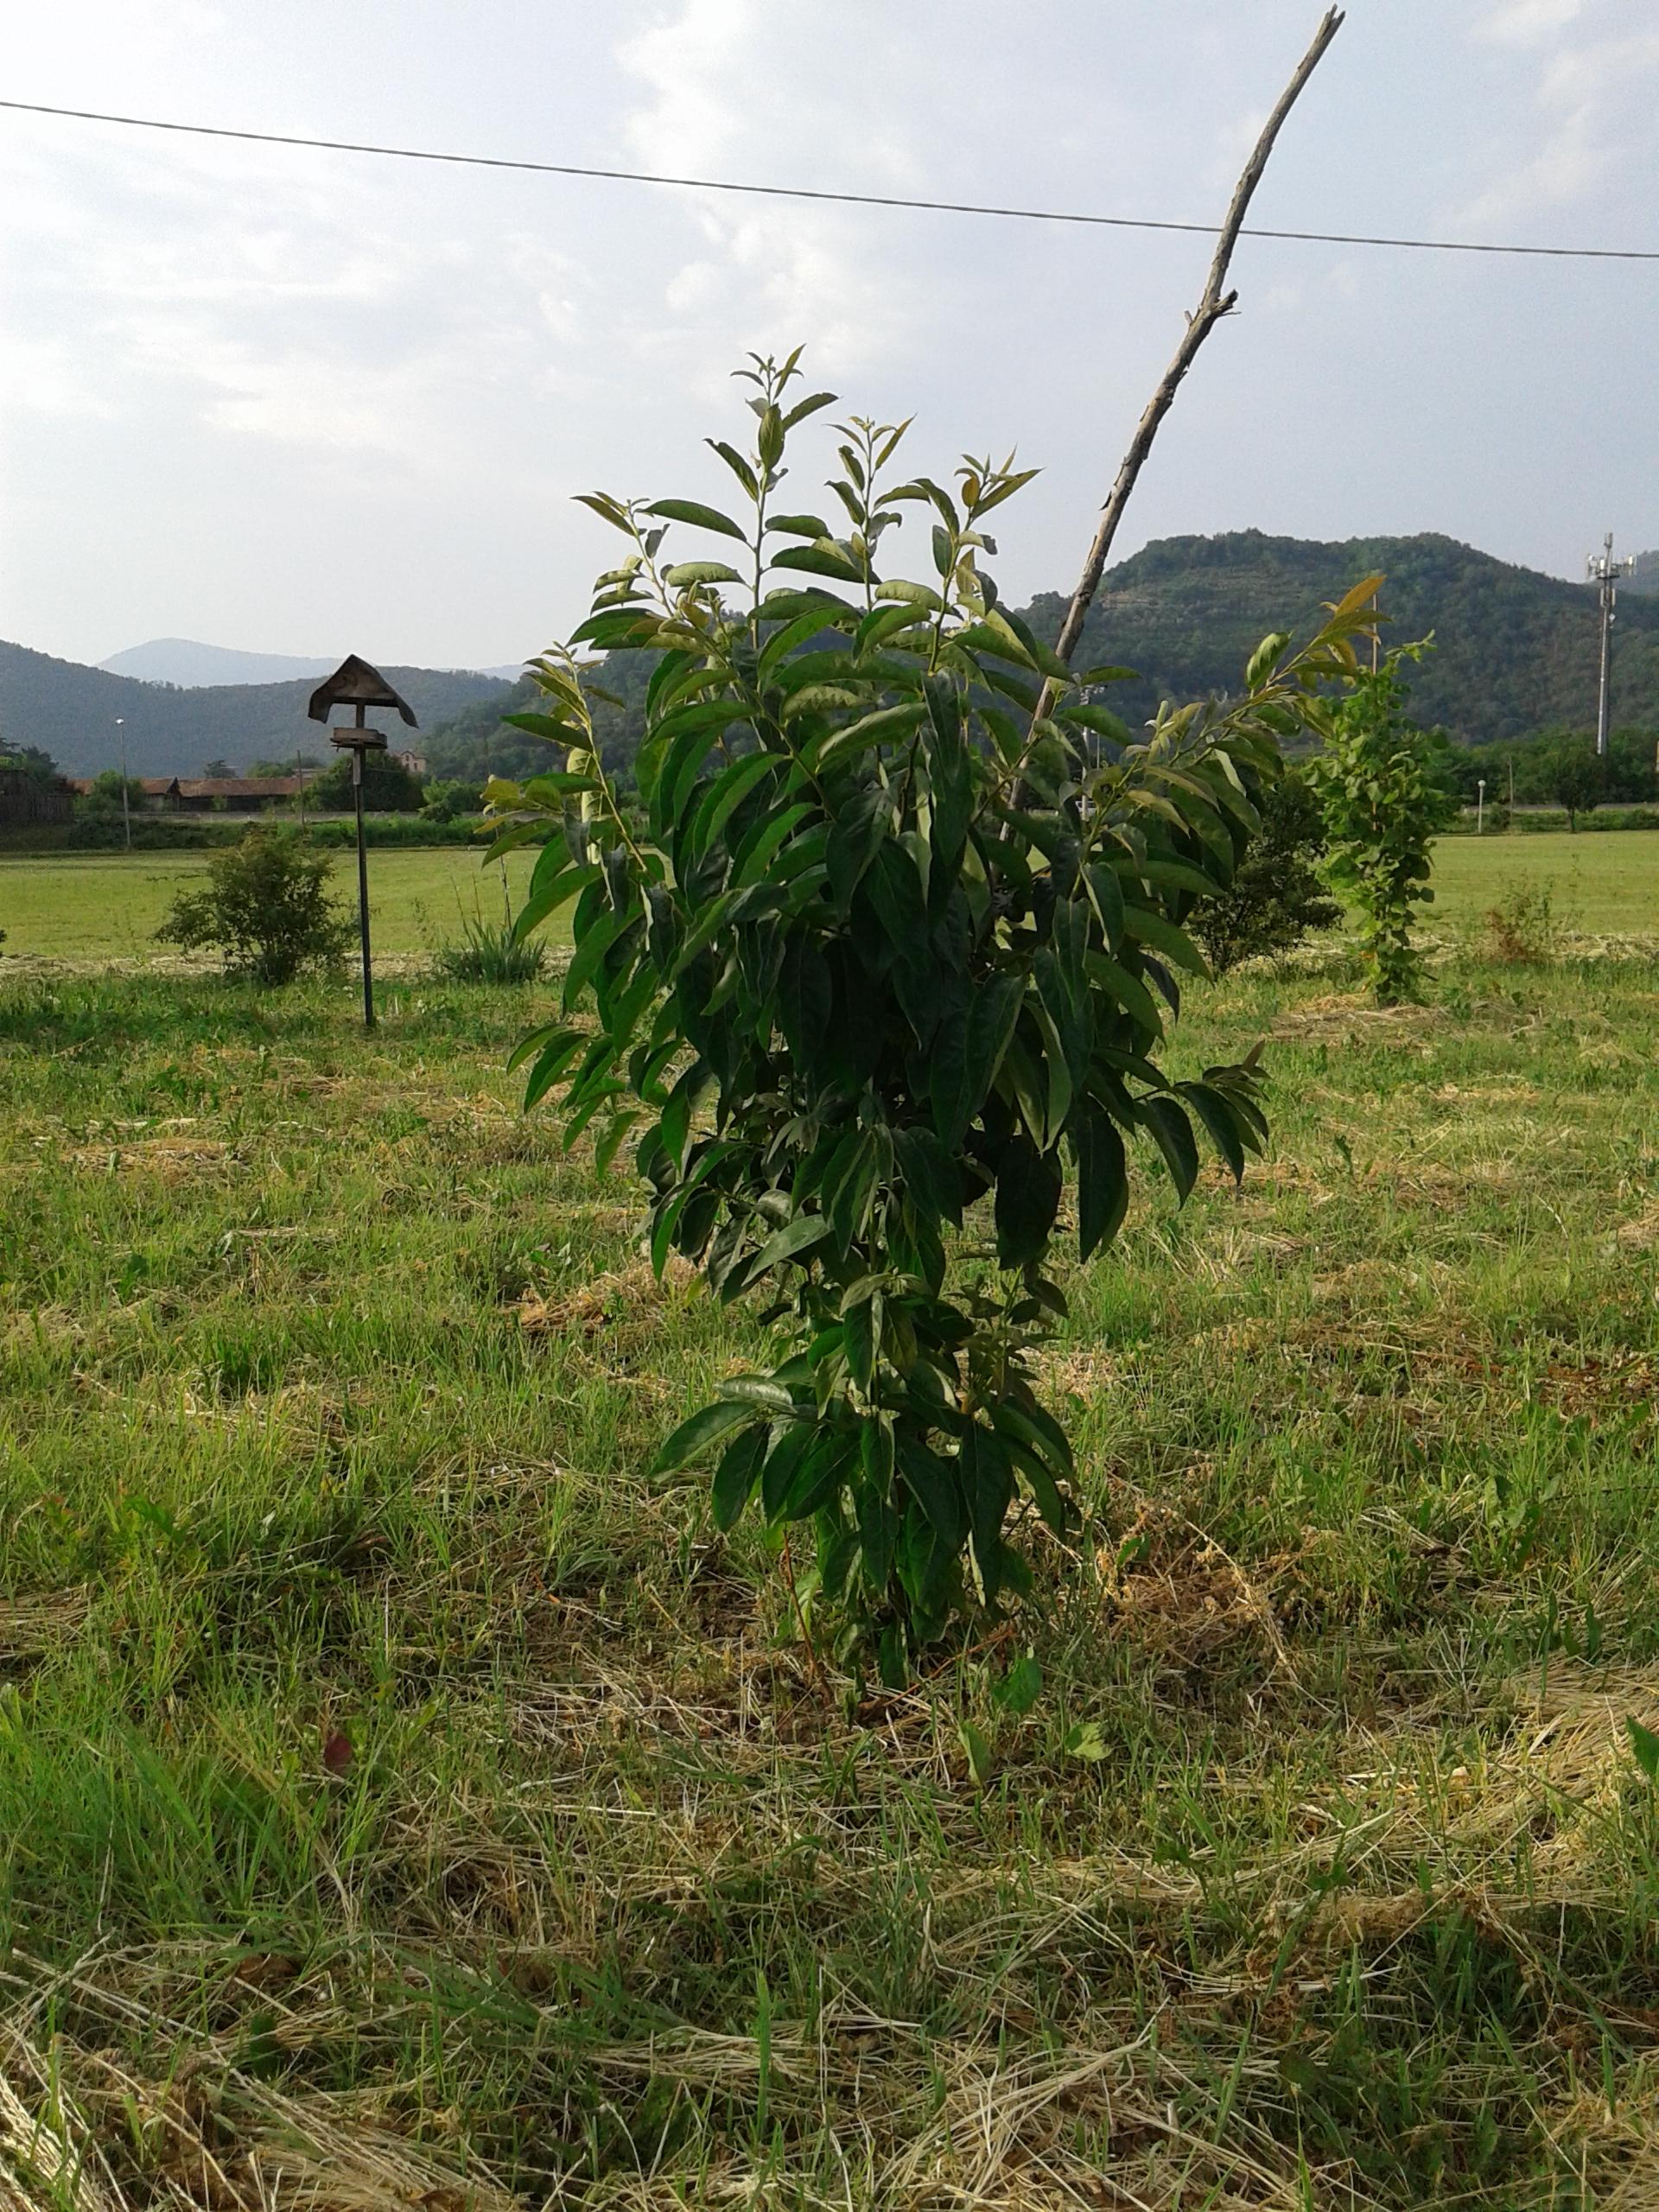 Cachi alberi a rodengo saiano - Alberi condominiali in giardini privati ...